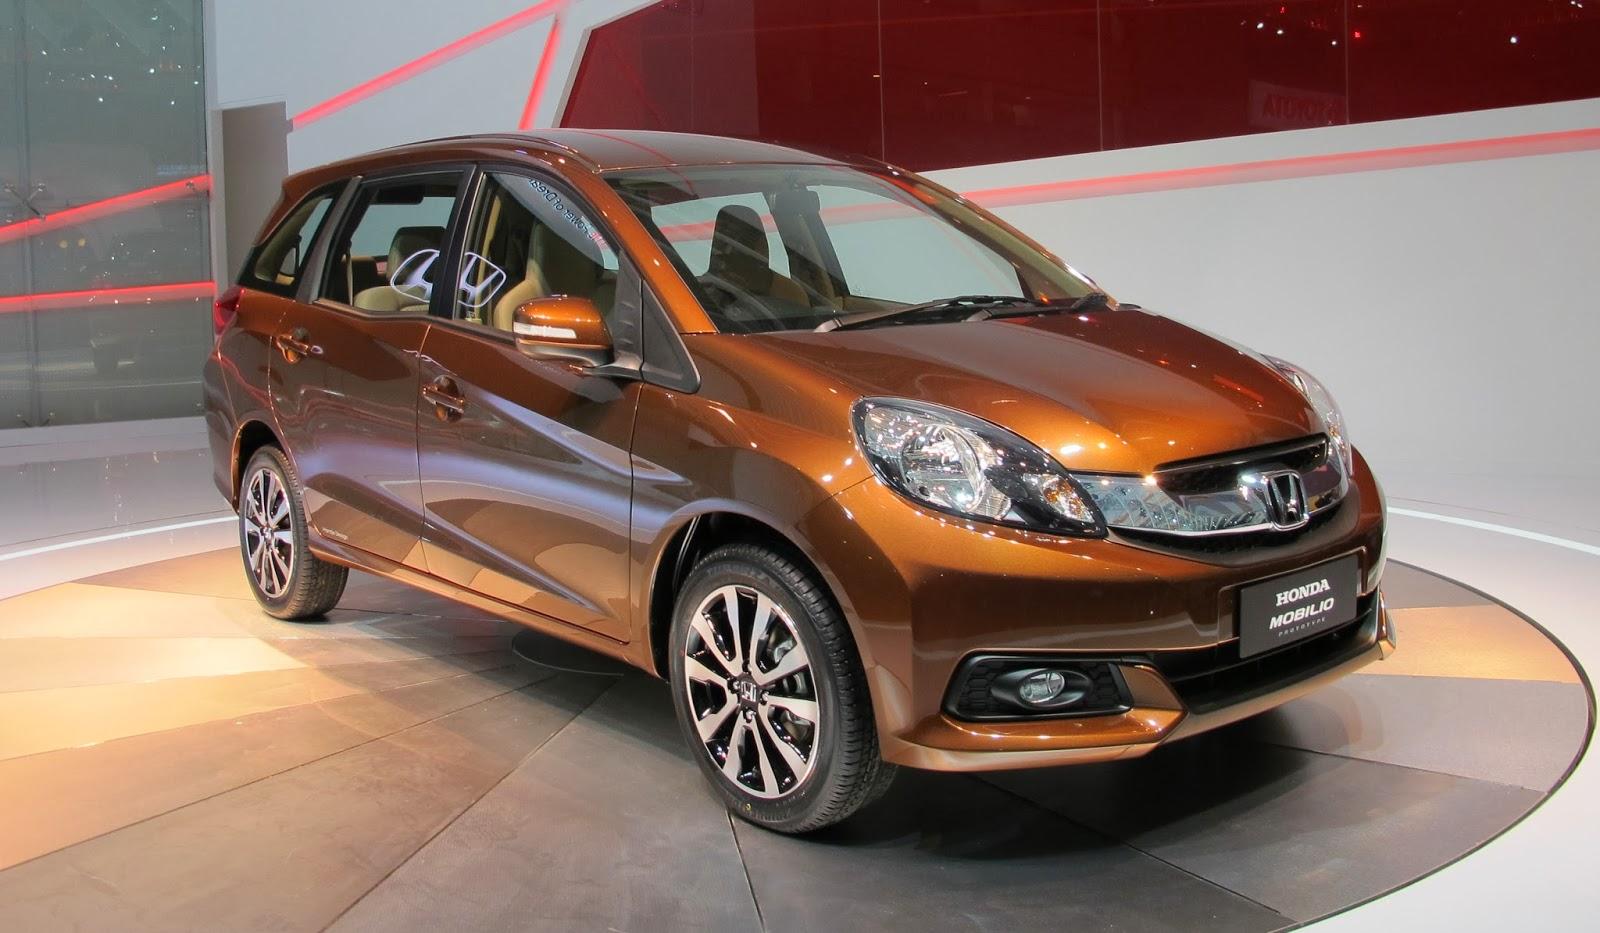 Harga Honda Mobilio 2014 dan Spesifikasi Lengkap   JDM-Modifikasi